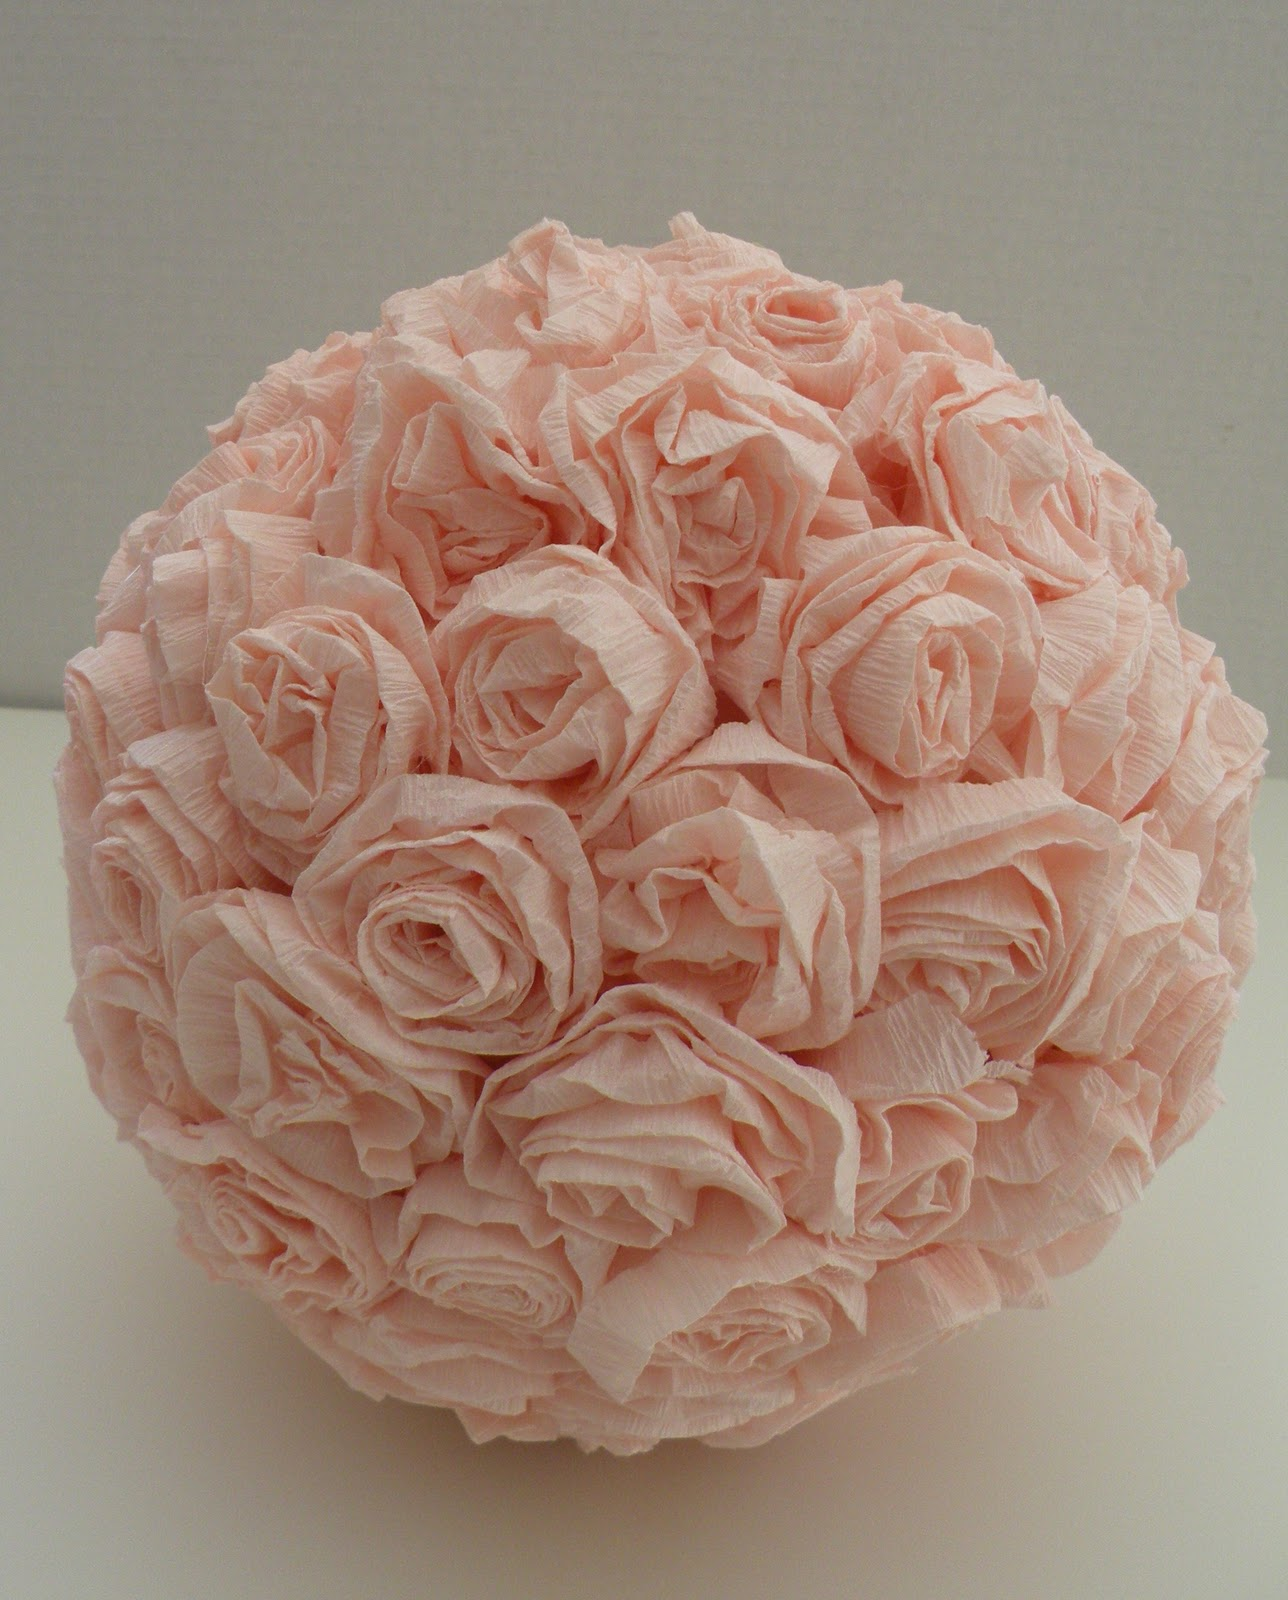 decoracao de casamento que eu posso fazer : decoracao de casamento que eu posso fazer: de papel crepom .Eu posso fazer qualquer um destas flores para